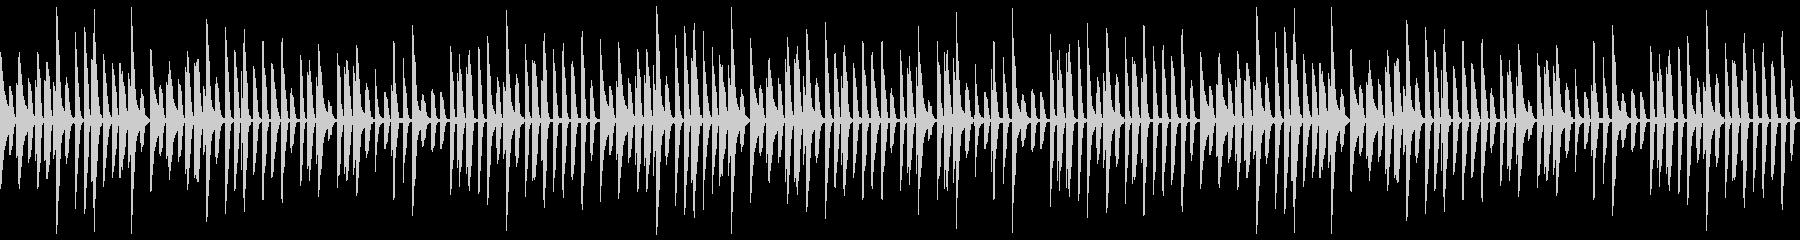 かわいいピアノの行進LOOP_Bの未再生の波形